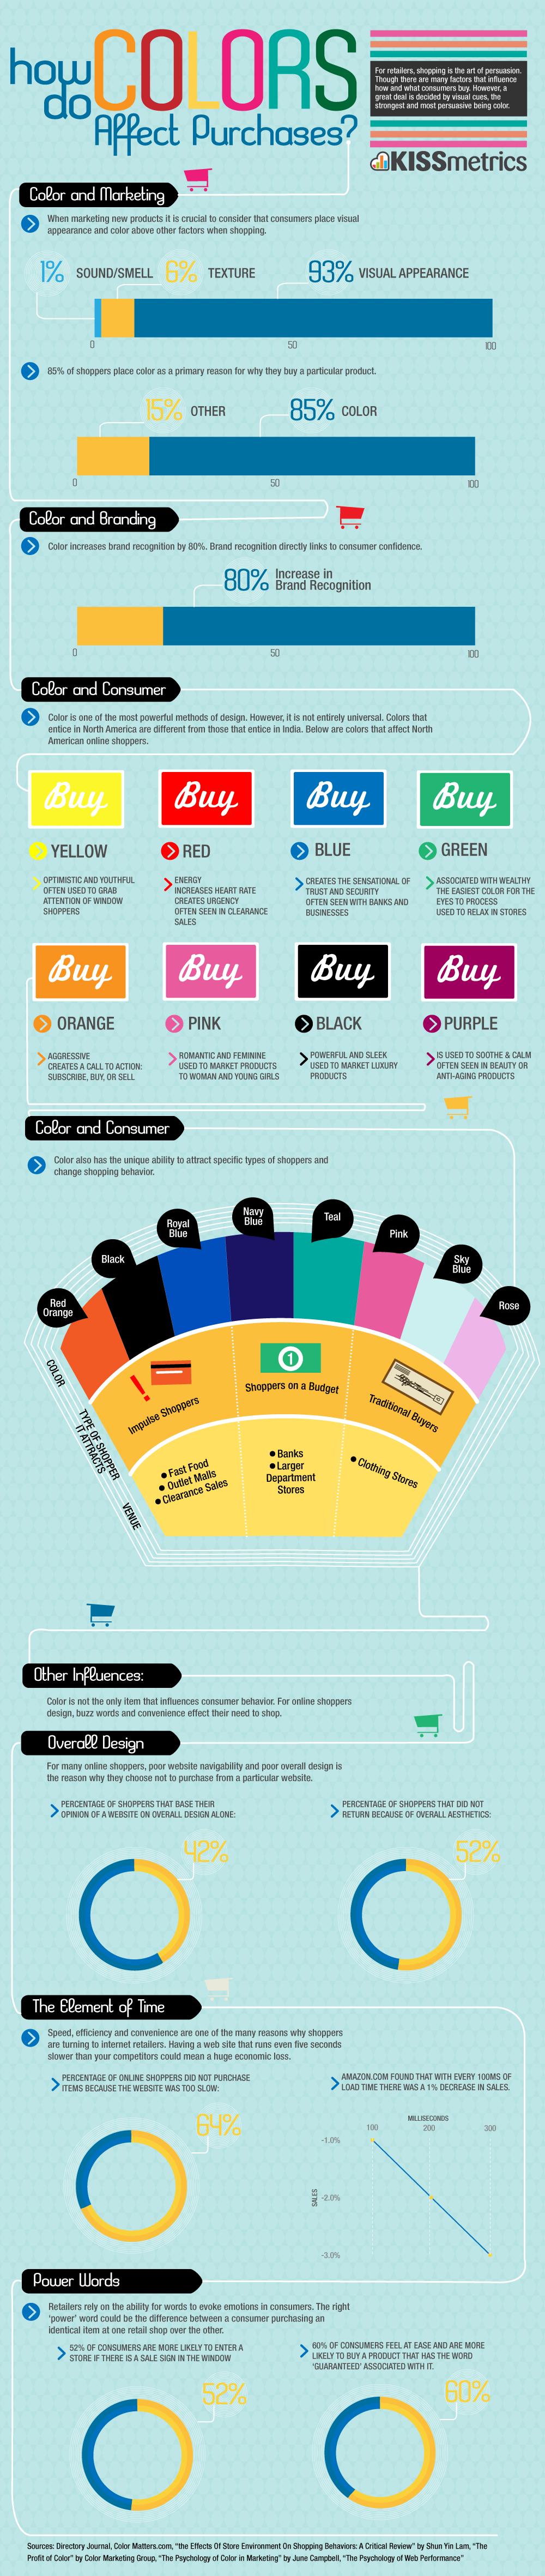 ¿Cómo afectan los colores a la acción web?